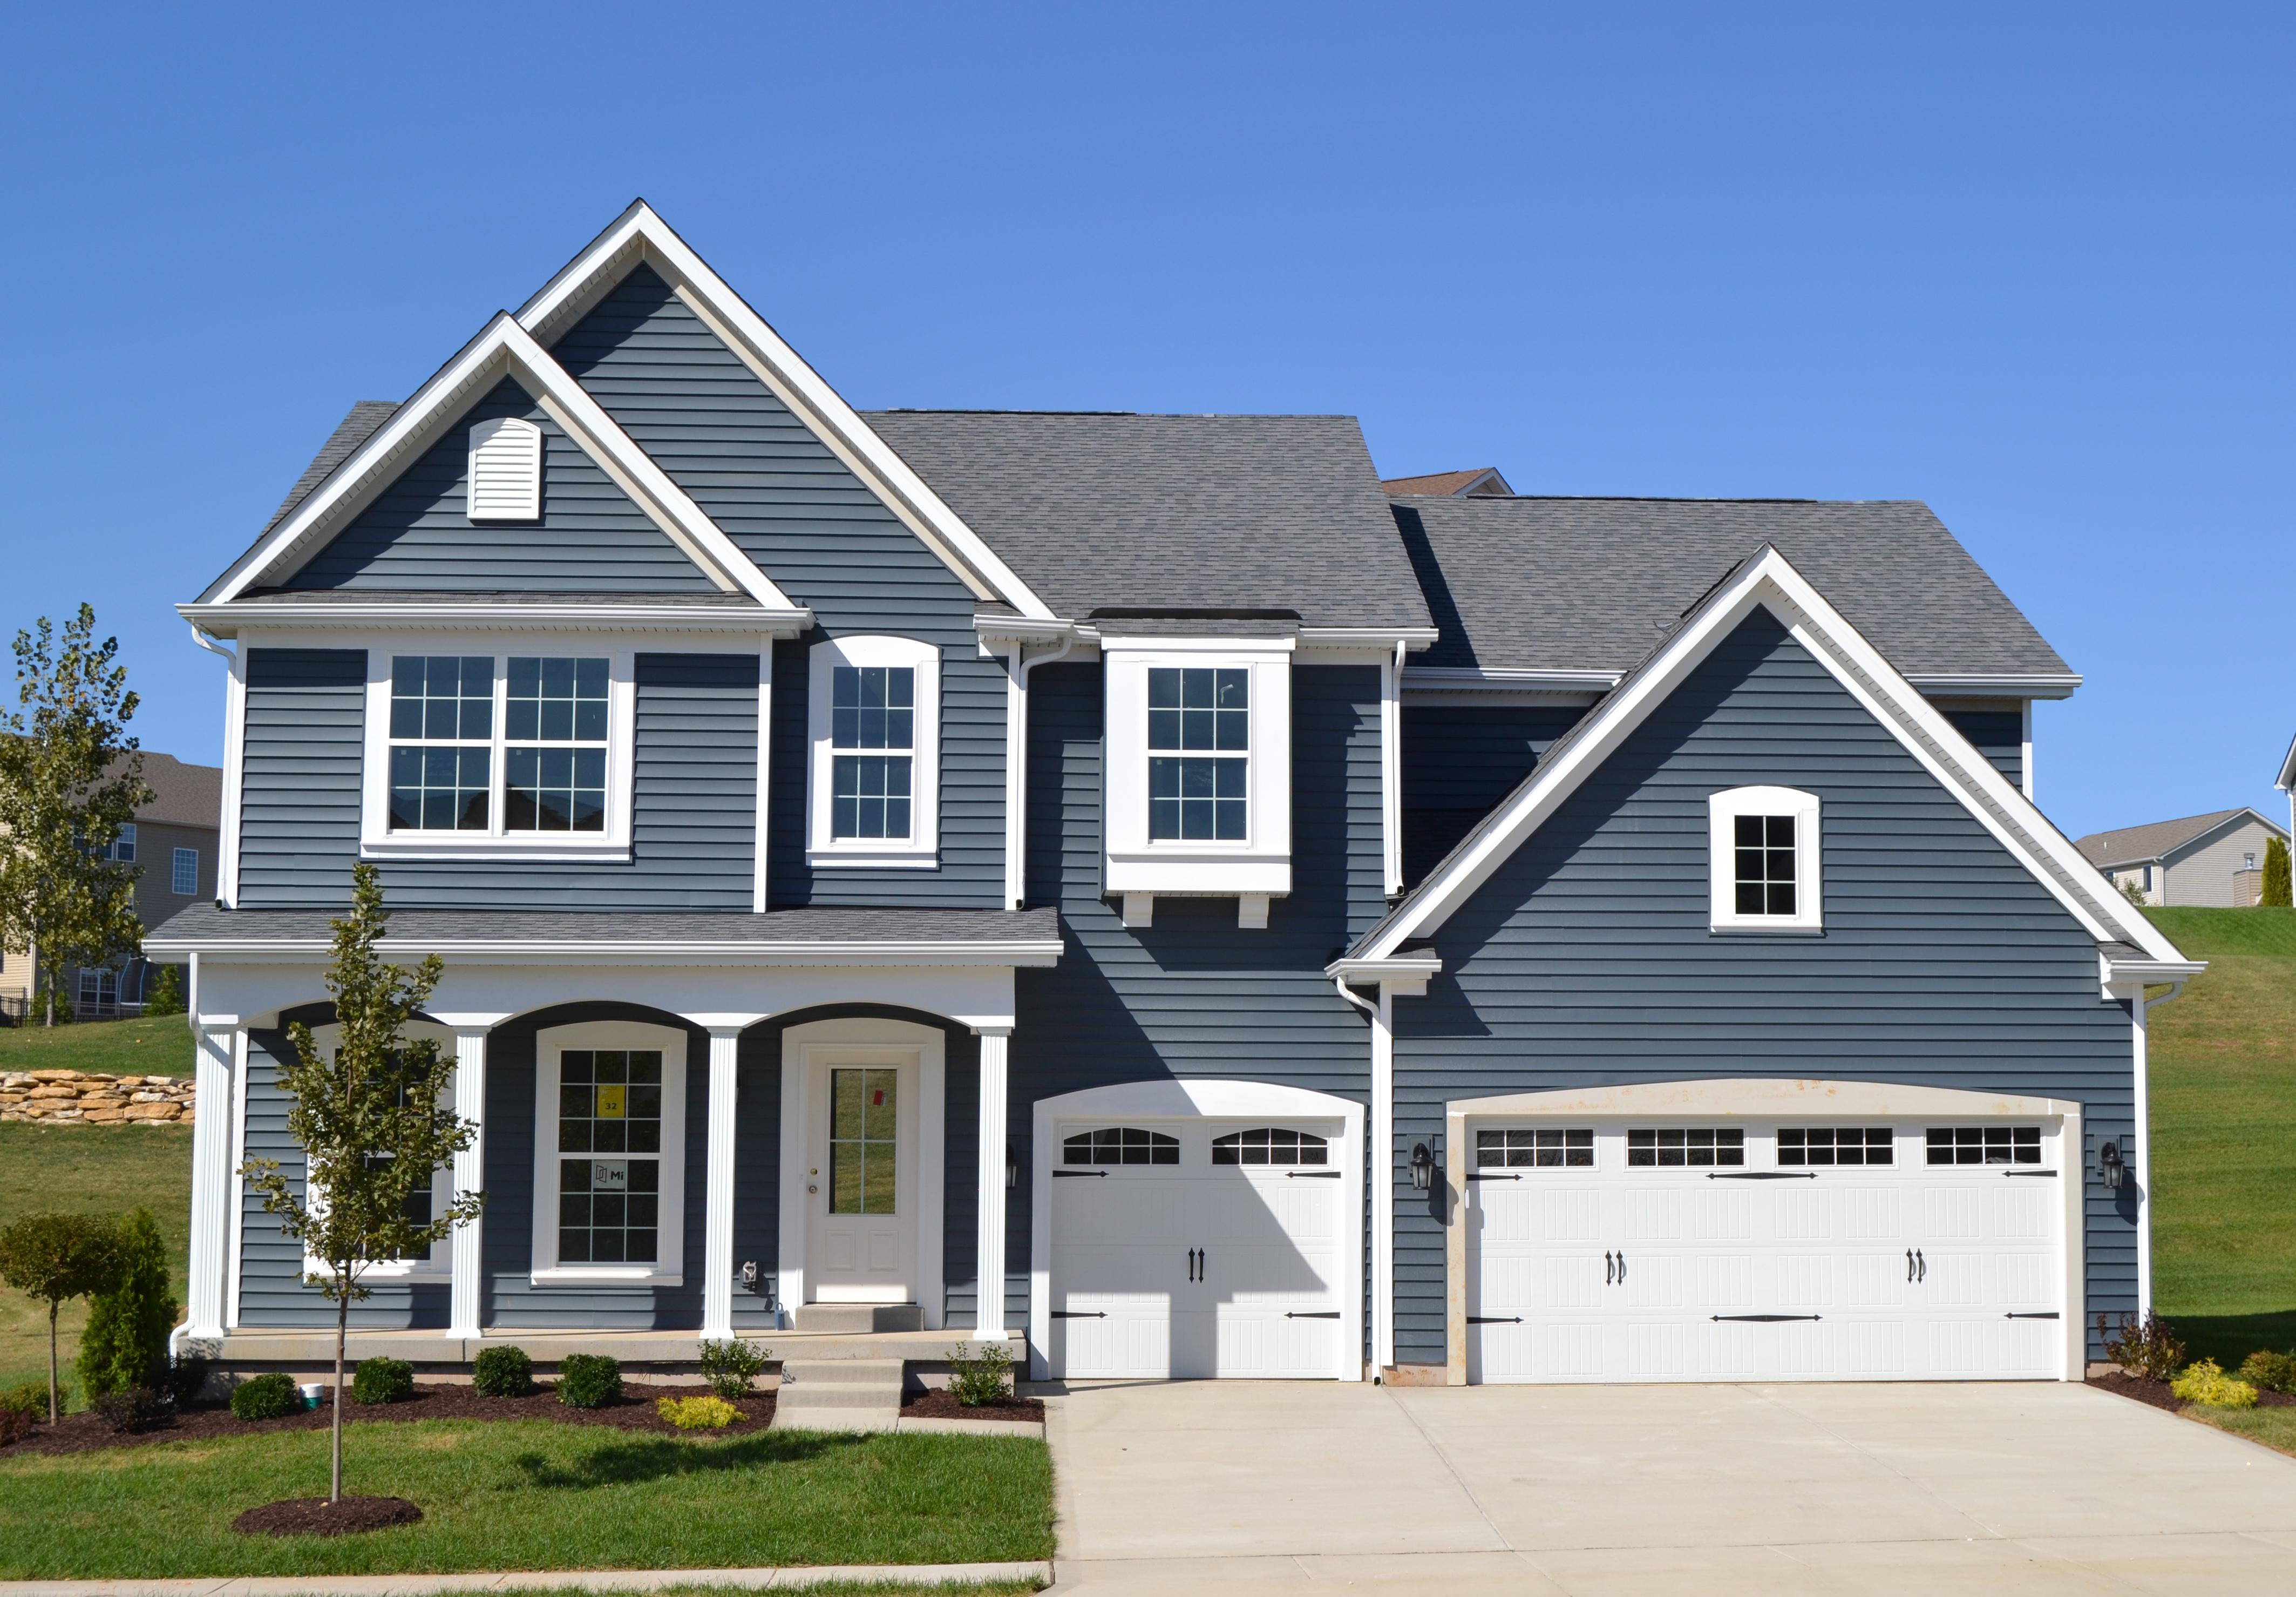 150 Wilmer Valley Drive Wentzville, MO 63385 Floorplan Image